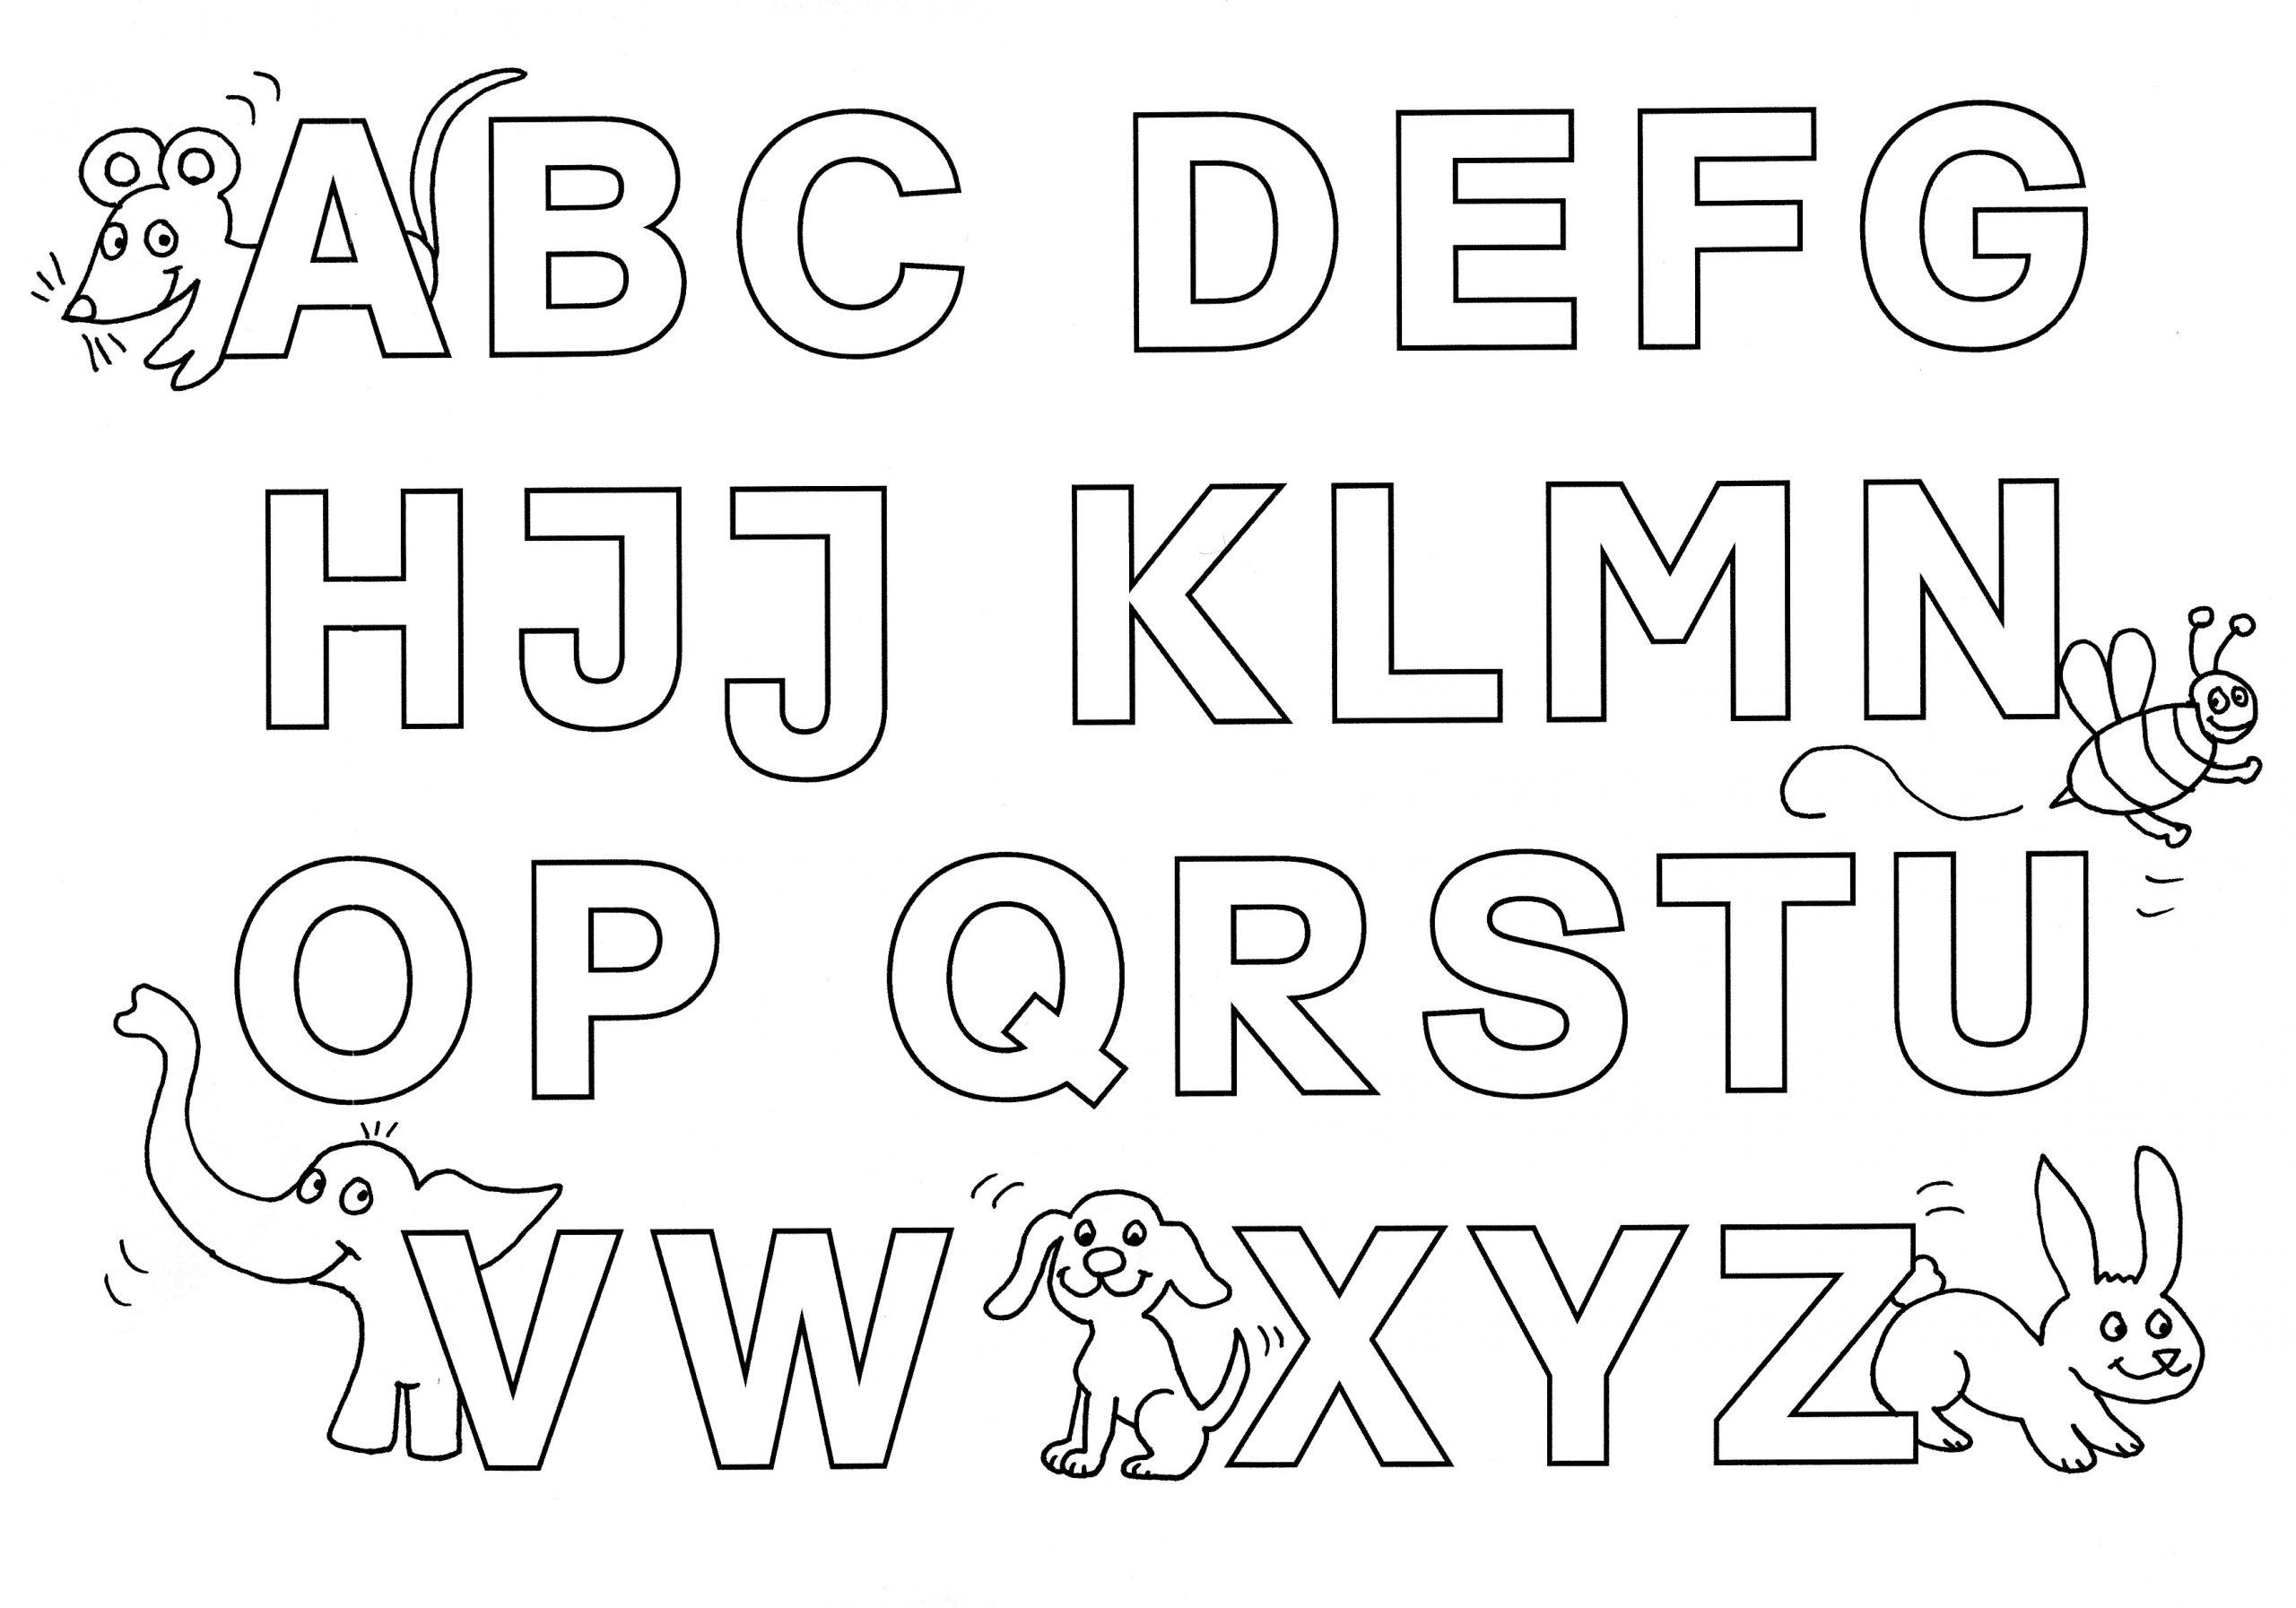 Alphabet Buchstaben Ausdrucke - Malvorlagen Für Kinder innen Buchstaben Ausdrucken Gratis